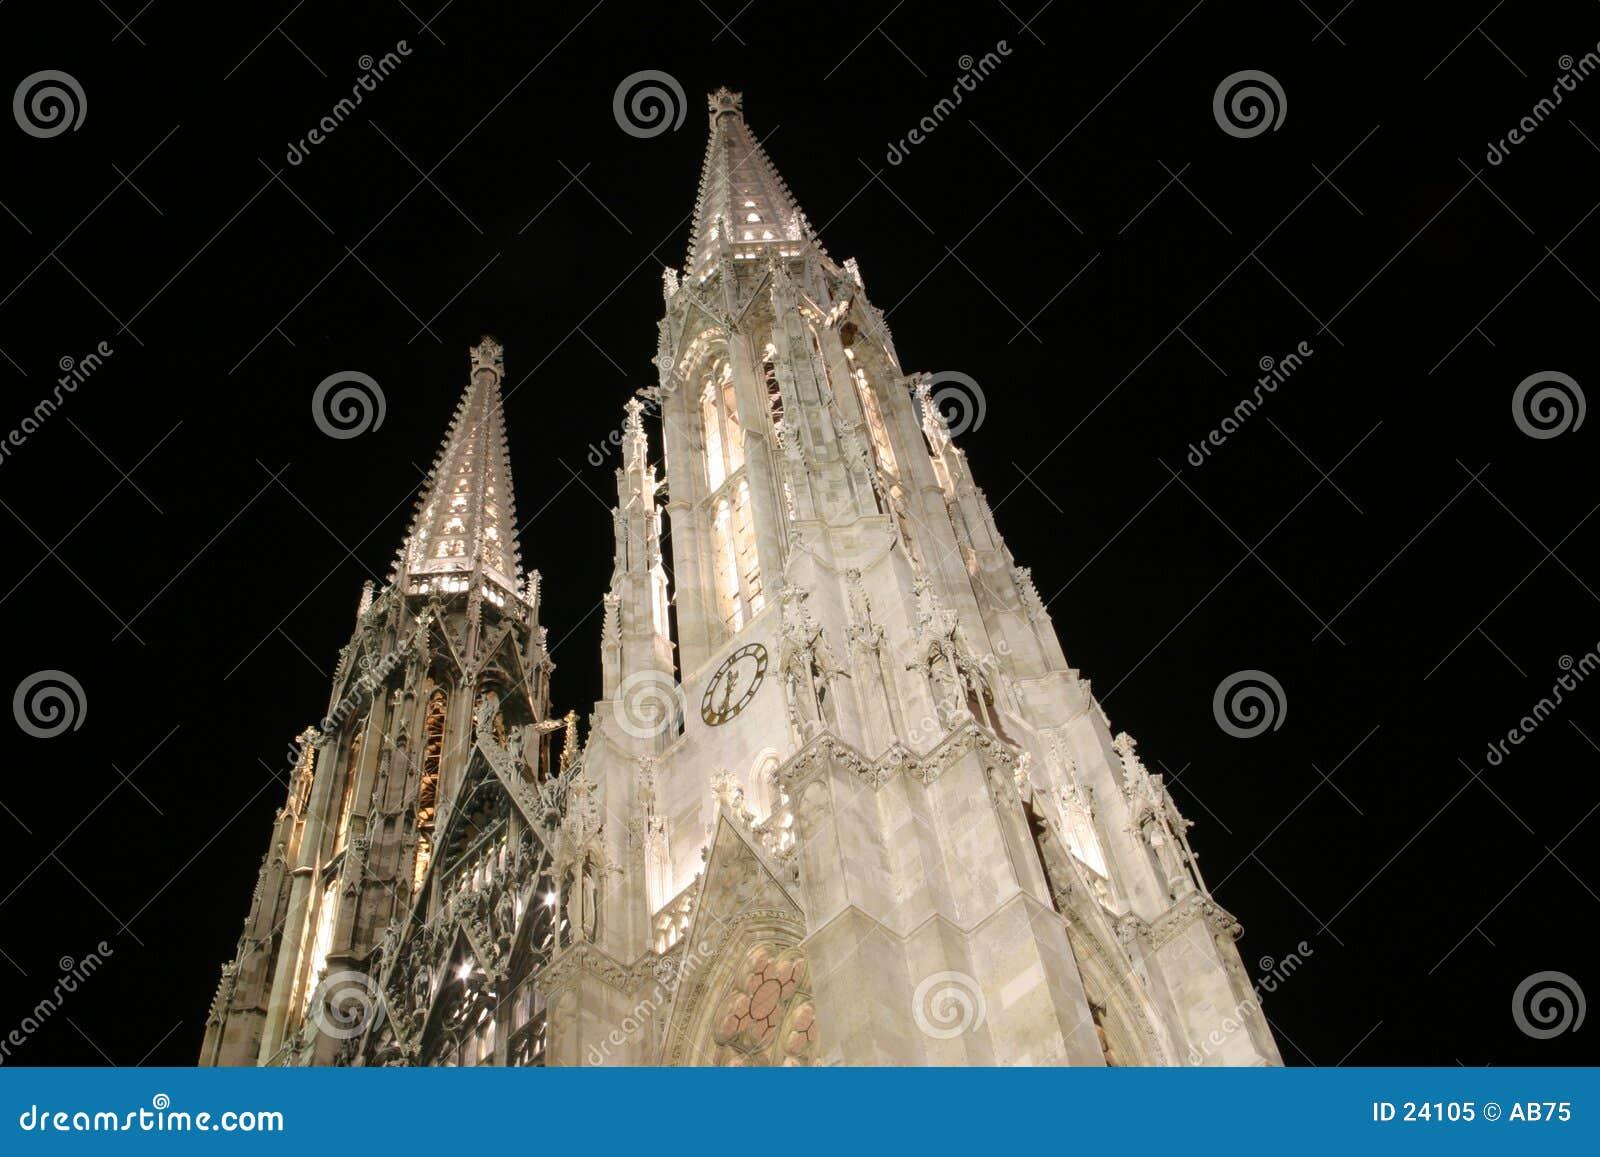 Iglesia en Viena - Votiv Kirche